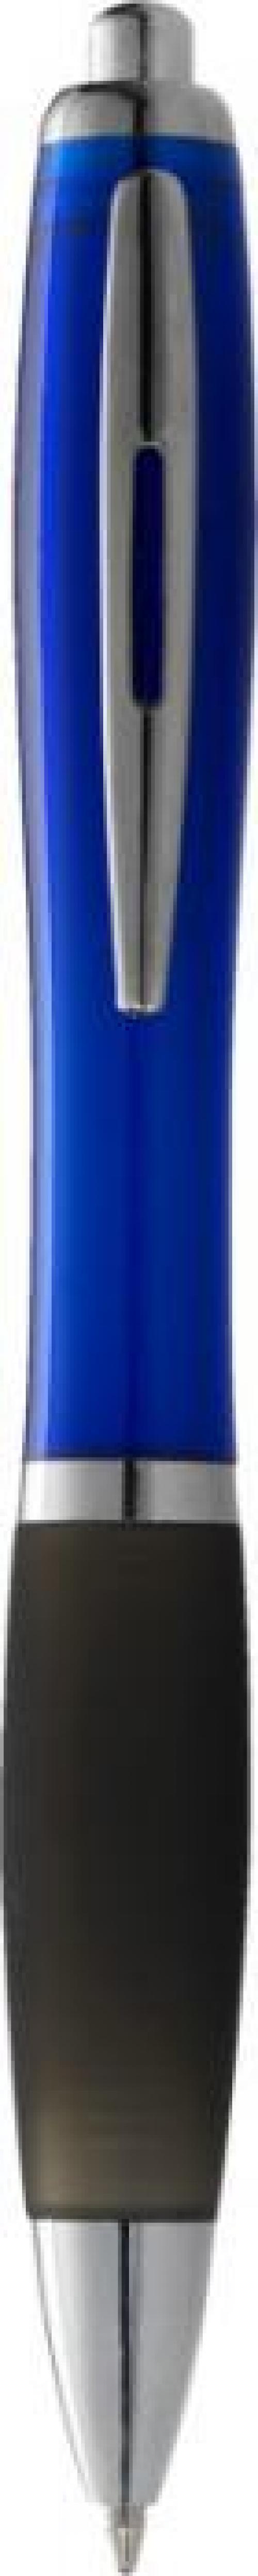 Bolígrafo nash de color con grip negro y tinta azul